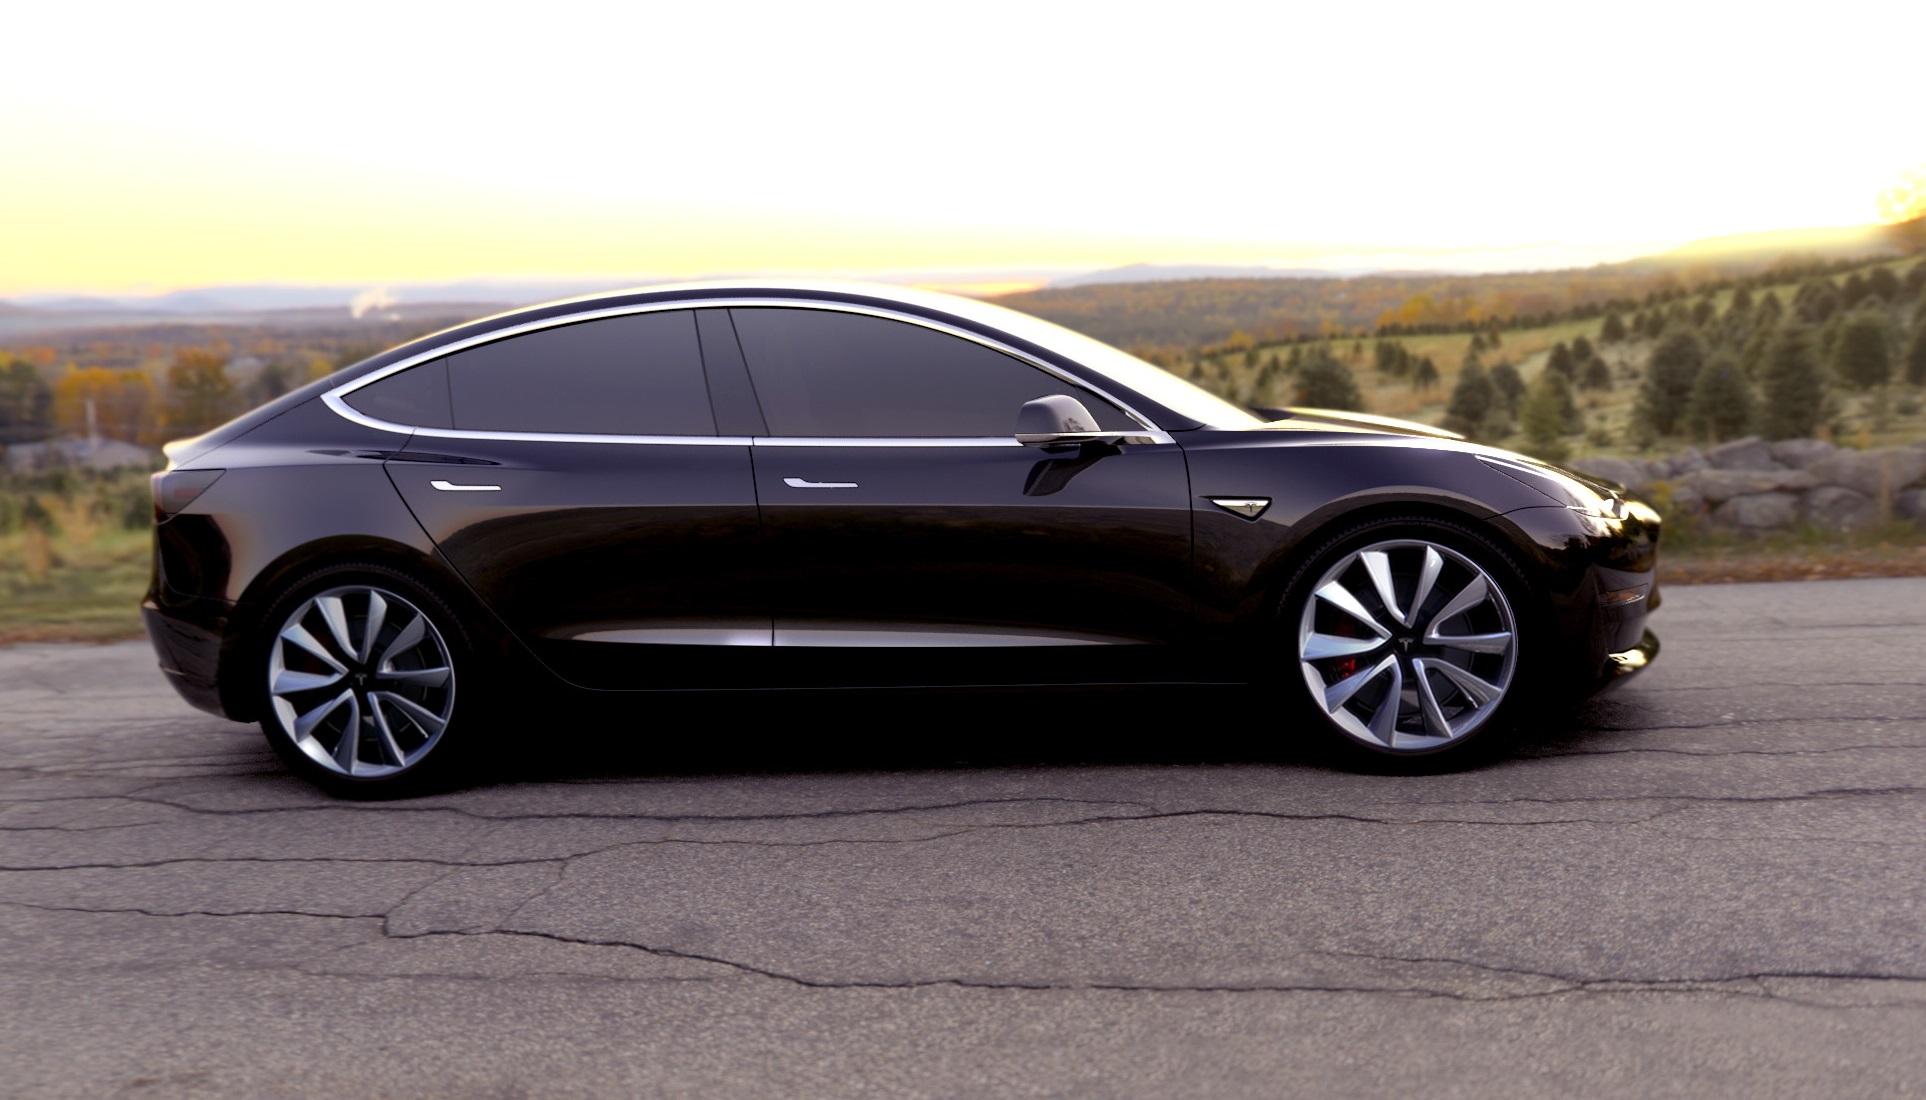 Электрокар Tesla Model 3 превысил заявленную максимальную скорость